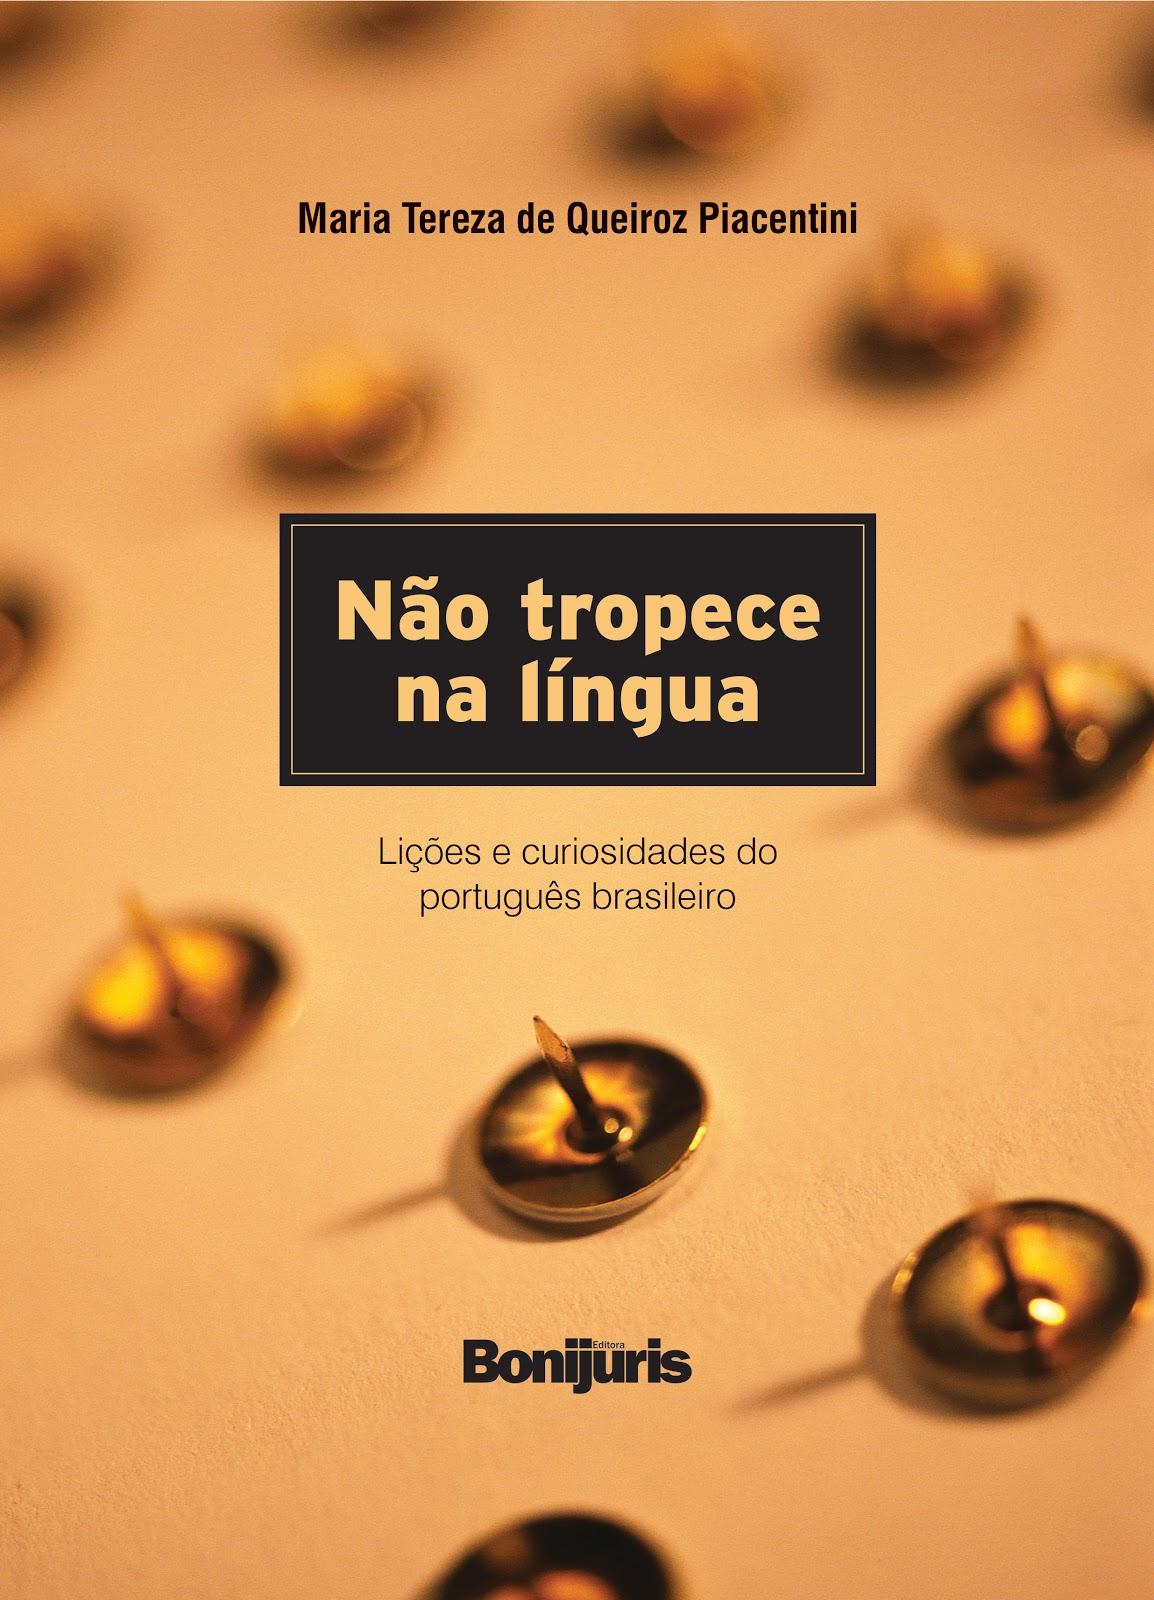 Livro de Piacentini  traz lições e curiosidades do português brasileiro